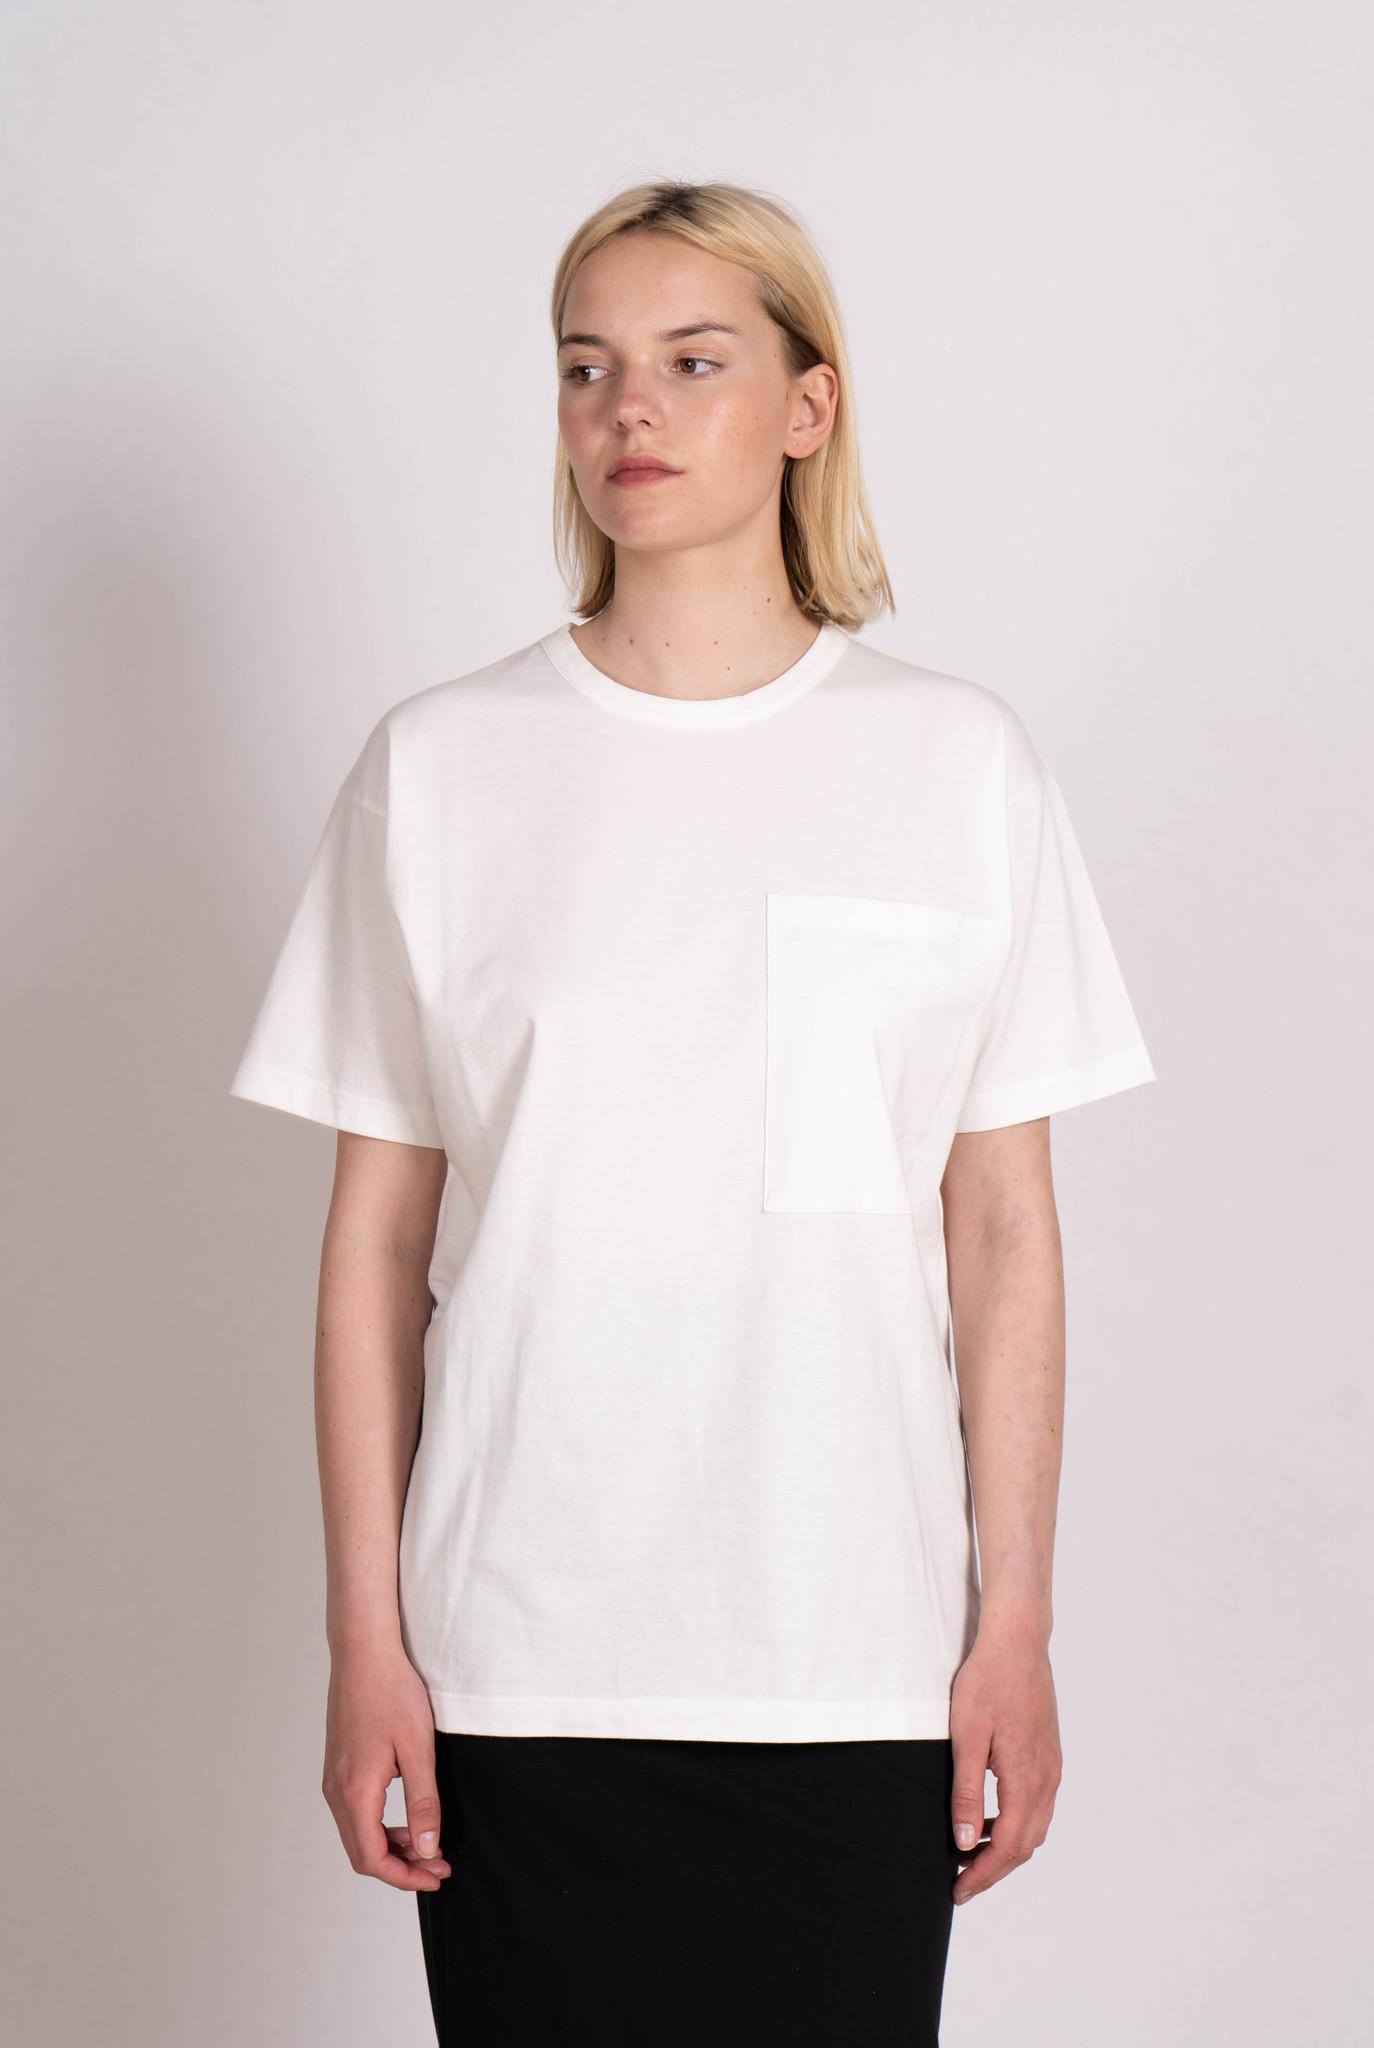 Unisex T-shirt S/S Pocket Off White